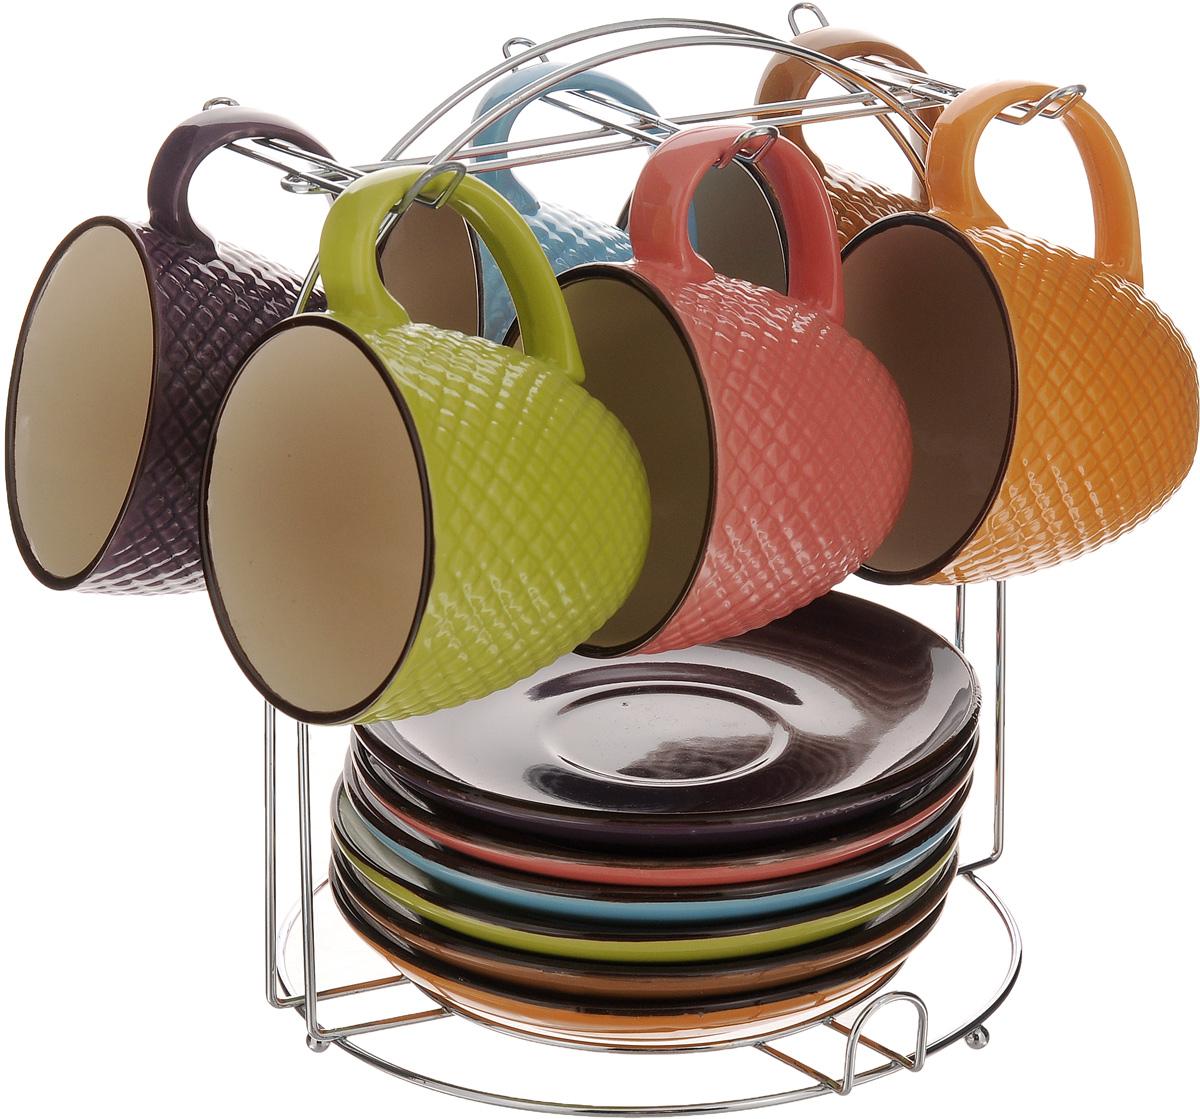 Сервиз чайный Loraine, 13 предметов. 24650123Чайный сервиз Loraine состоит из 6 разноцветных чашек, 6 разноцветных блюдец и подставки. Изделия выполнены из высококачественной керамики с глазурованным покрытием. Кружки декорированы красивым рельефом. Теплостойкие ручки не позволяют обжечь руки во время чаепития. Для хранения изделий предусмотрена металлическая подставка. Яркий лаконичный дизайн и качество исполнения сделают такой набор замечательным приобретением для вашей кухни. Он стильно дополнит сервировку стола к чаепитию, подарит хорошее настроение и настроит на позитивный лад. Можно использовать в микроволновой печи и мыть в посудомоечной машине. Объем чашки: 220 мл. Диаметр чашки (по верхнему краю): 8 см. Высота чашки: 7 см. Диаметр блюдца: 14,5 см. Размер подставки: 19 х 19 х 22 см.